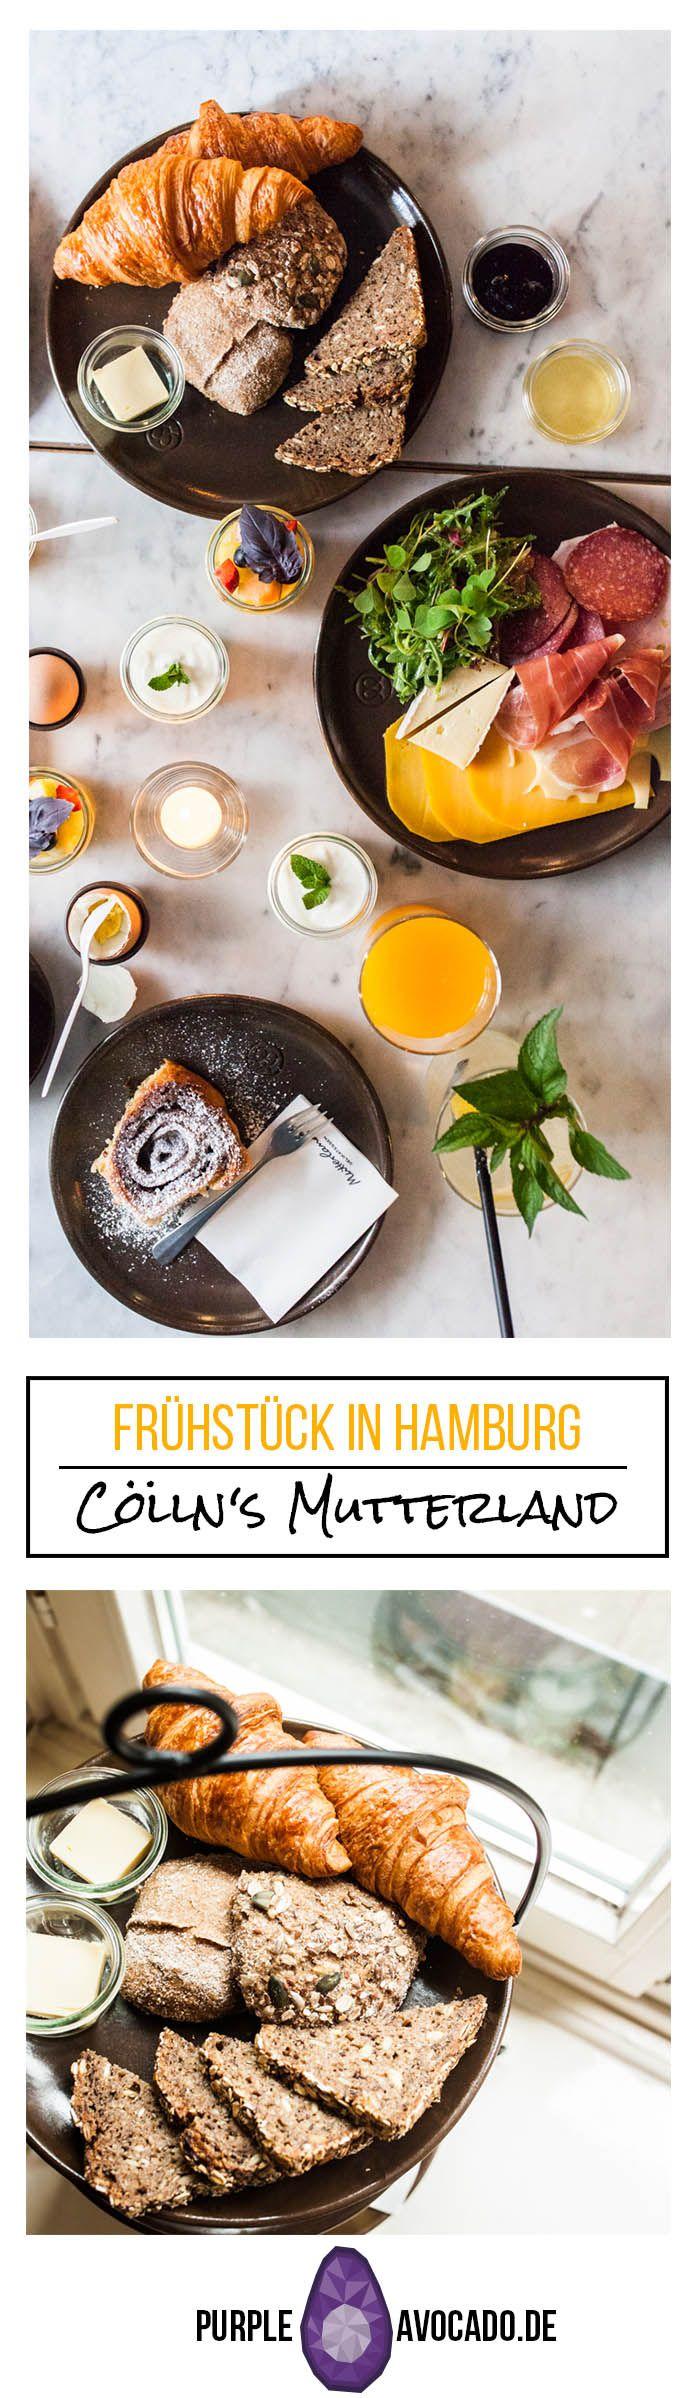 Auf der Suche nach dem besten Frühstück in Hamburg? In Hamburgs Innenstadt kann ich euch das Cöllns Mutterland nur wärmstens empfehlen. Hier gibt es die besten Franzbrötchen und viele andere, köstliche Frühstücksspezialitäten. #hamburg #restaurant #restaurants #essen #frühstück #cityguide #städtetrip #städte trip #foodstyling #foodphotography